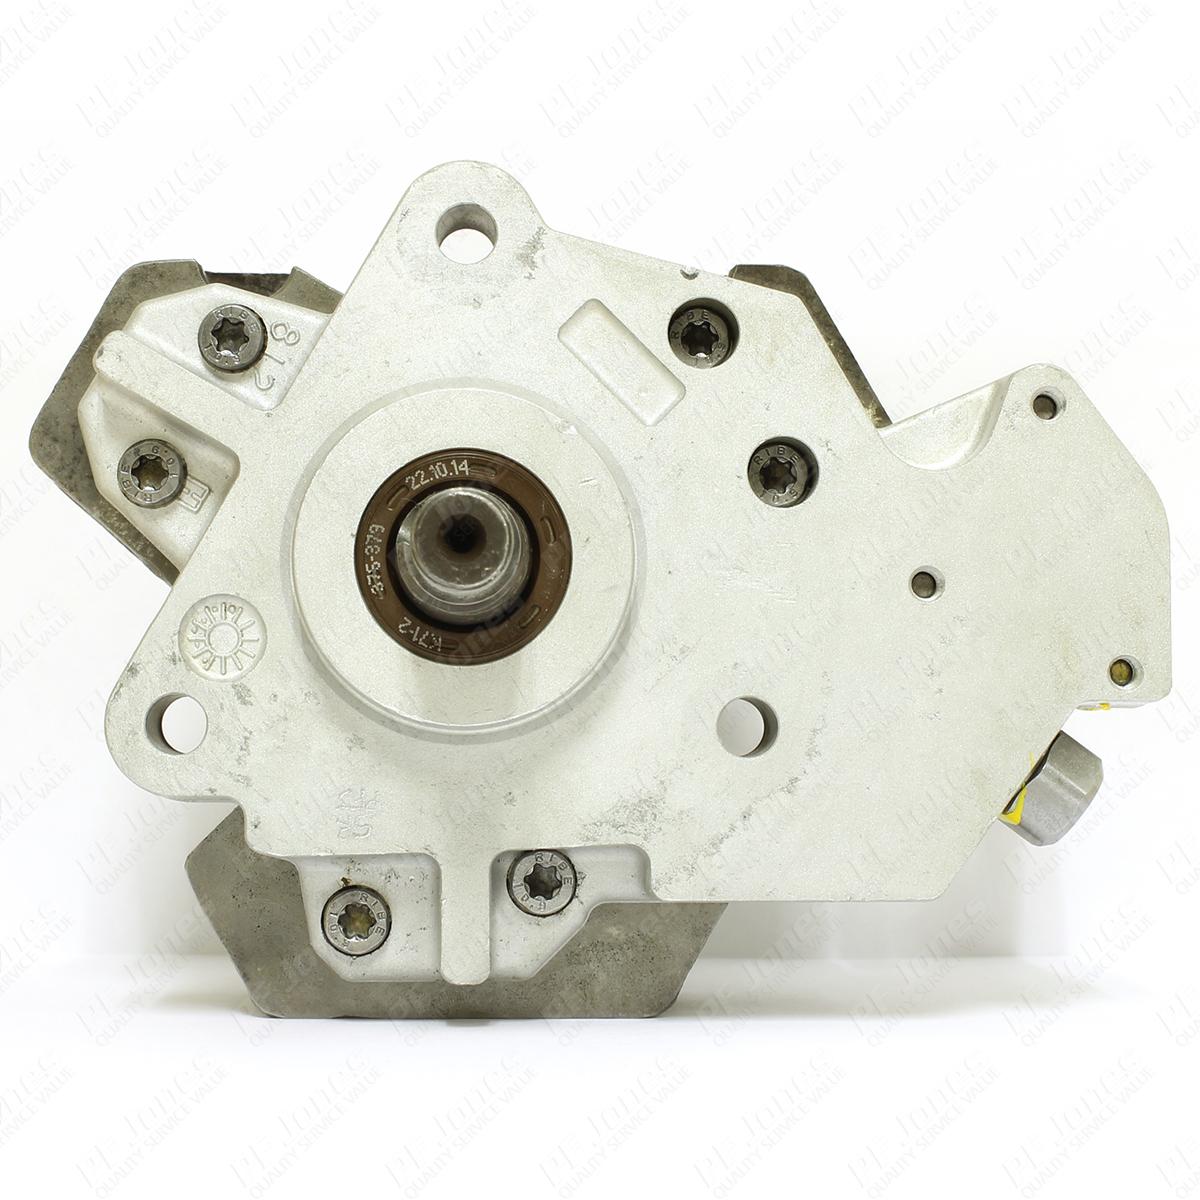 0445010031 - Bosch Diesel Pump